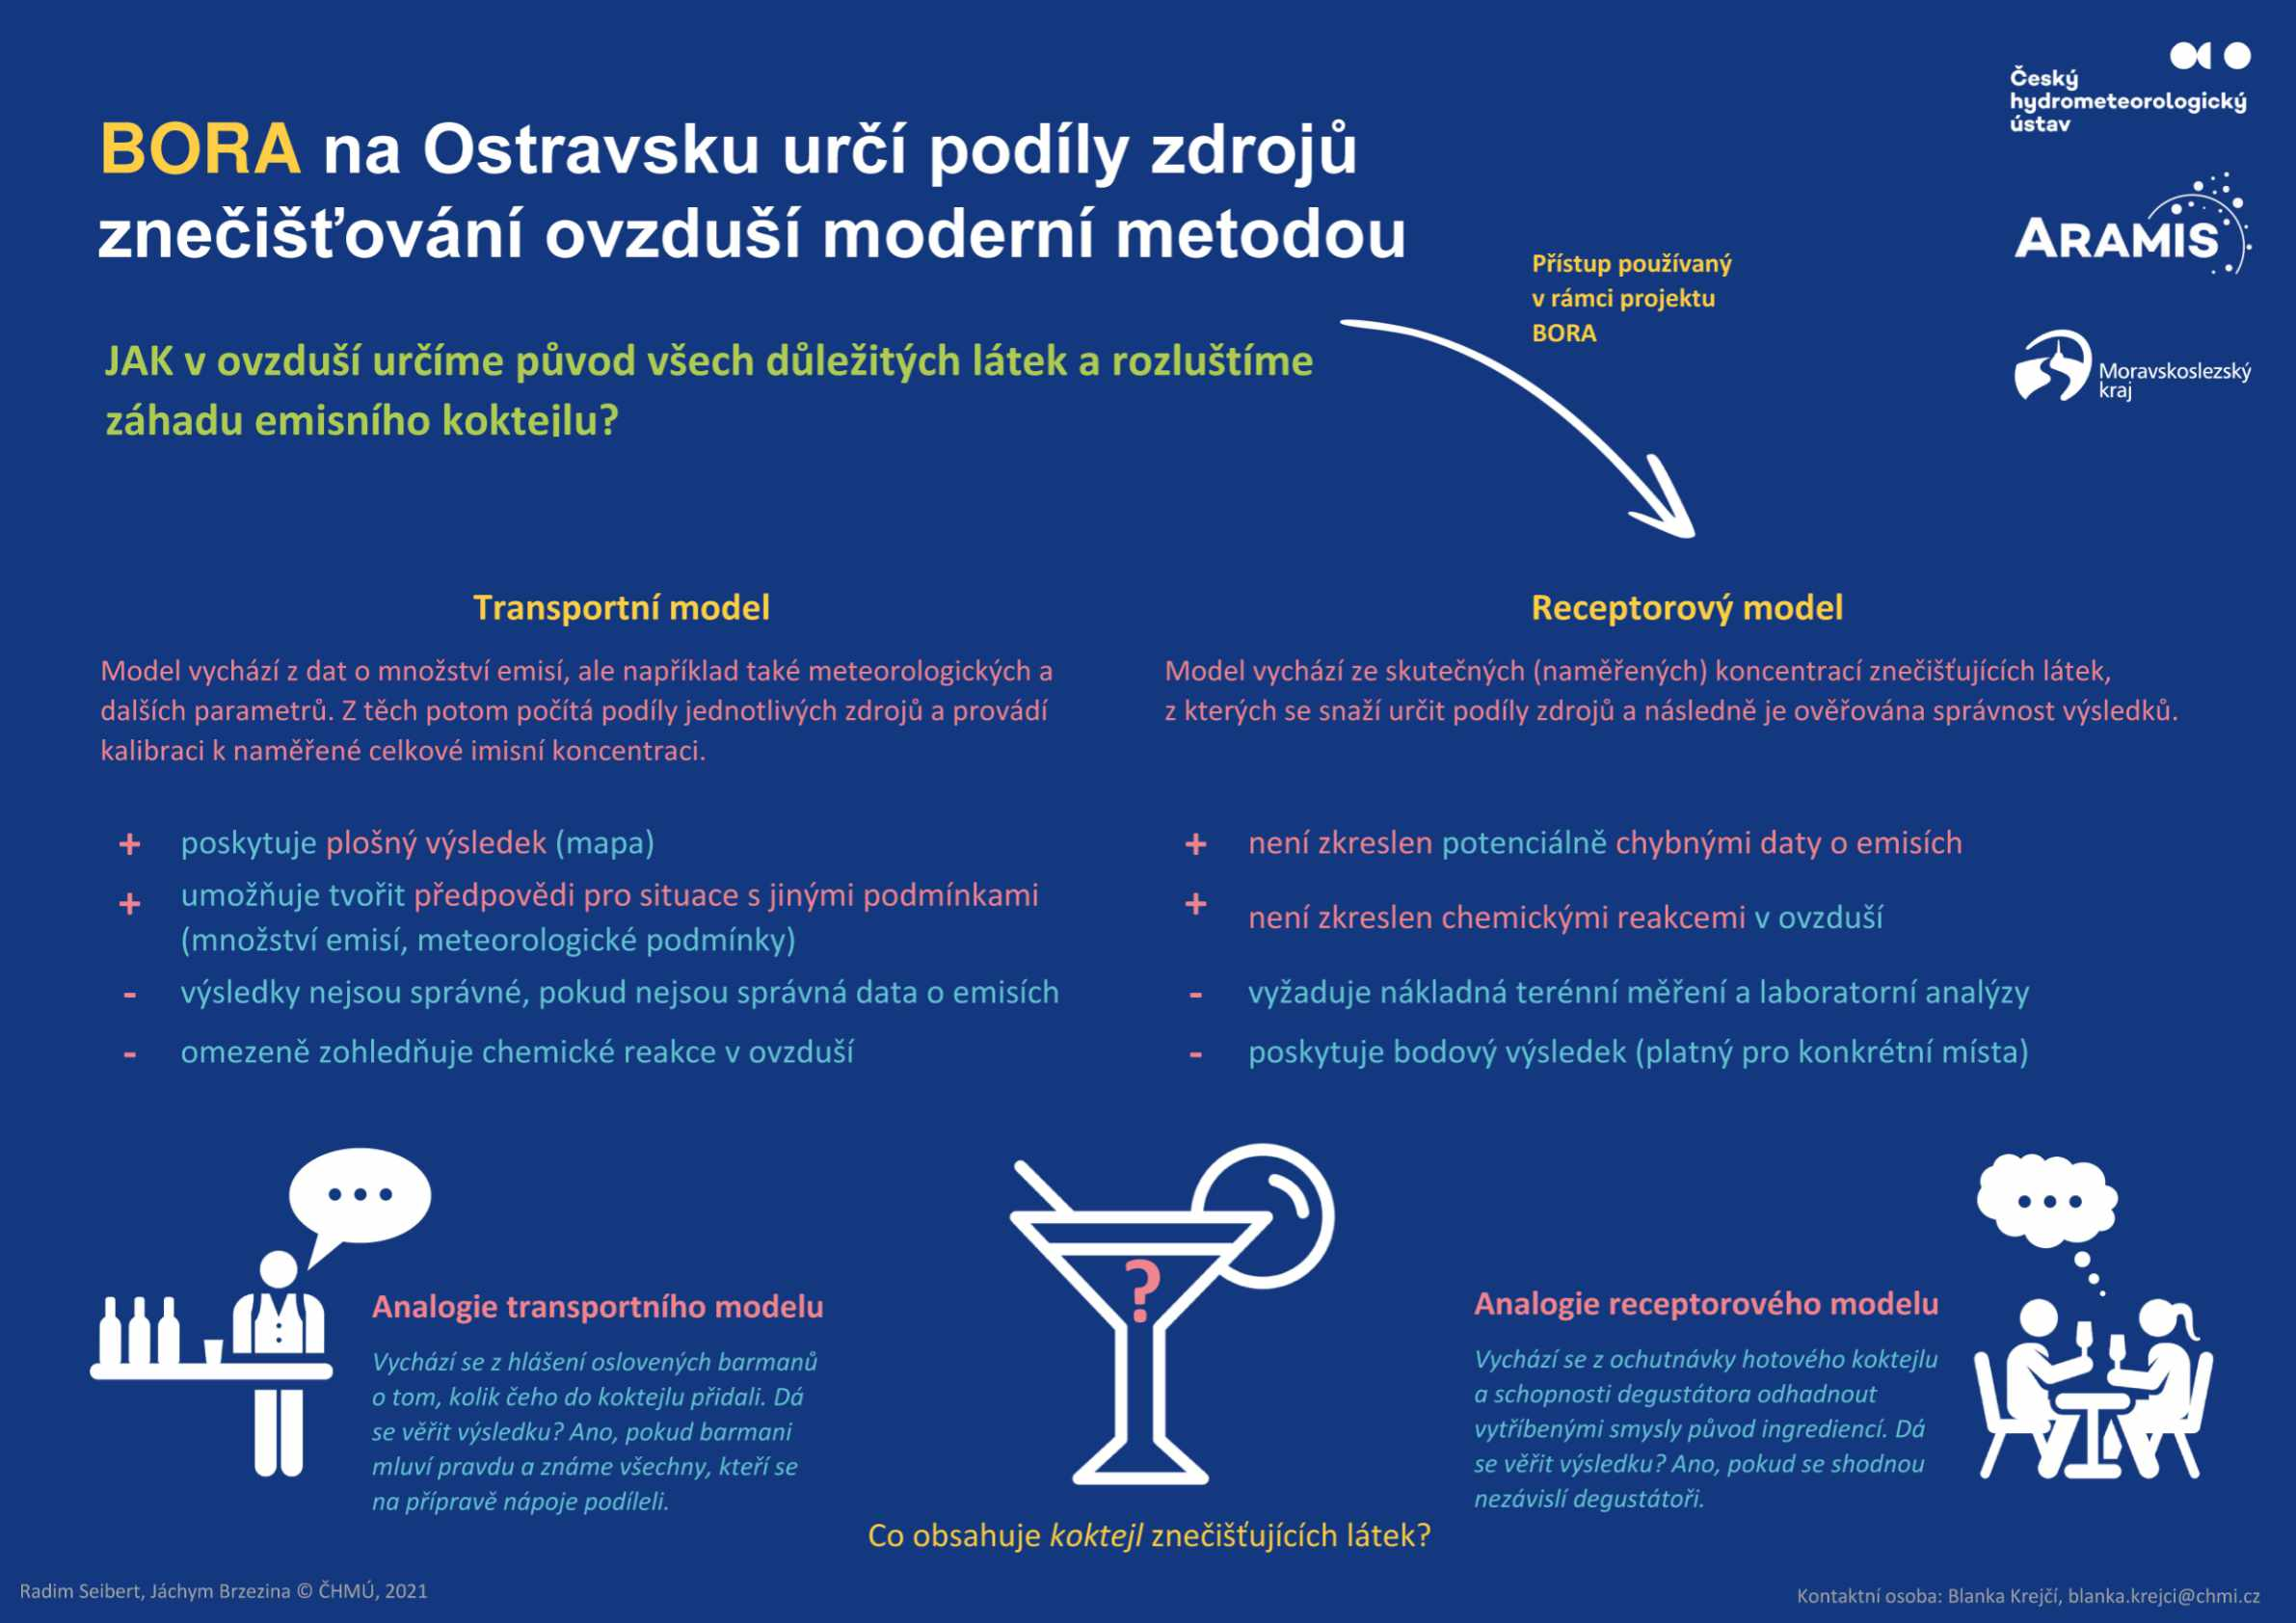 Koncept BORA – bližší určení původu znečištění ovzduší na Ostravsku – infografika 51 min čtení